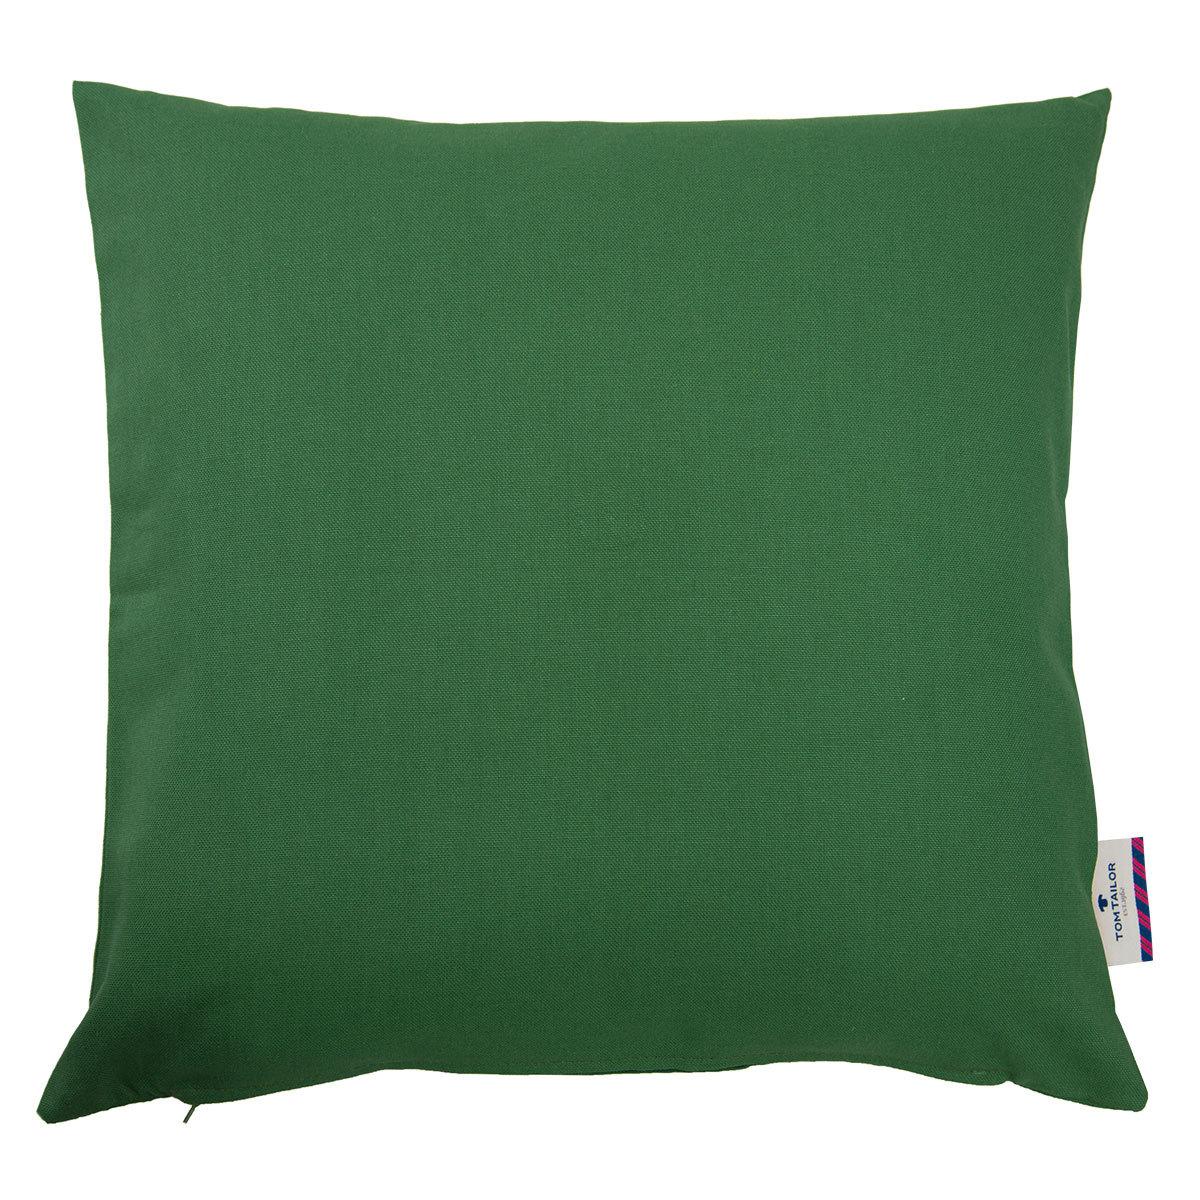 tom tailor uni kissenh lle t dove g nstig online kaufen. Black Bedroom Furniture Sets. Home Design Ideas